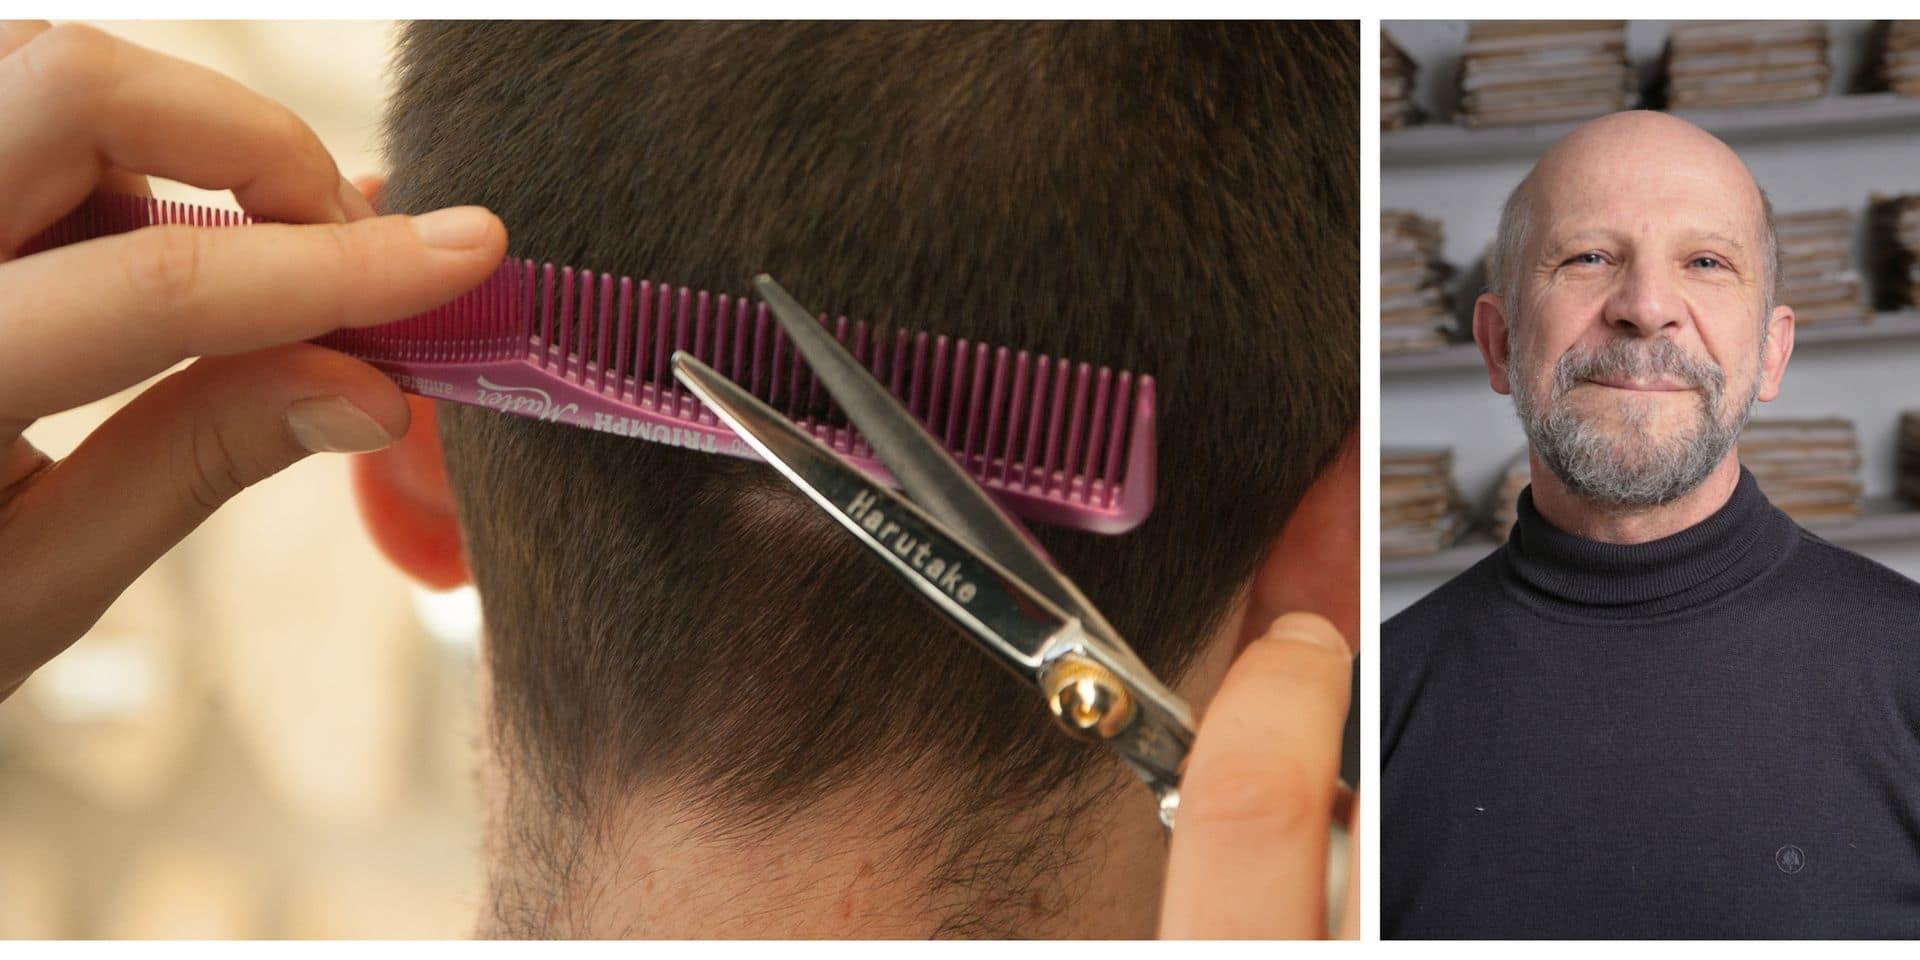 Triche aux examens, rencontres clandestines ou coupe de cheveux dans un garage : estompement de la norme ou légitime défense ?